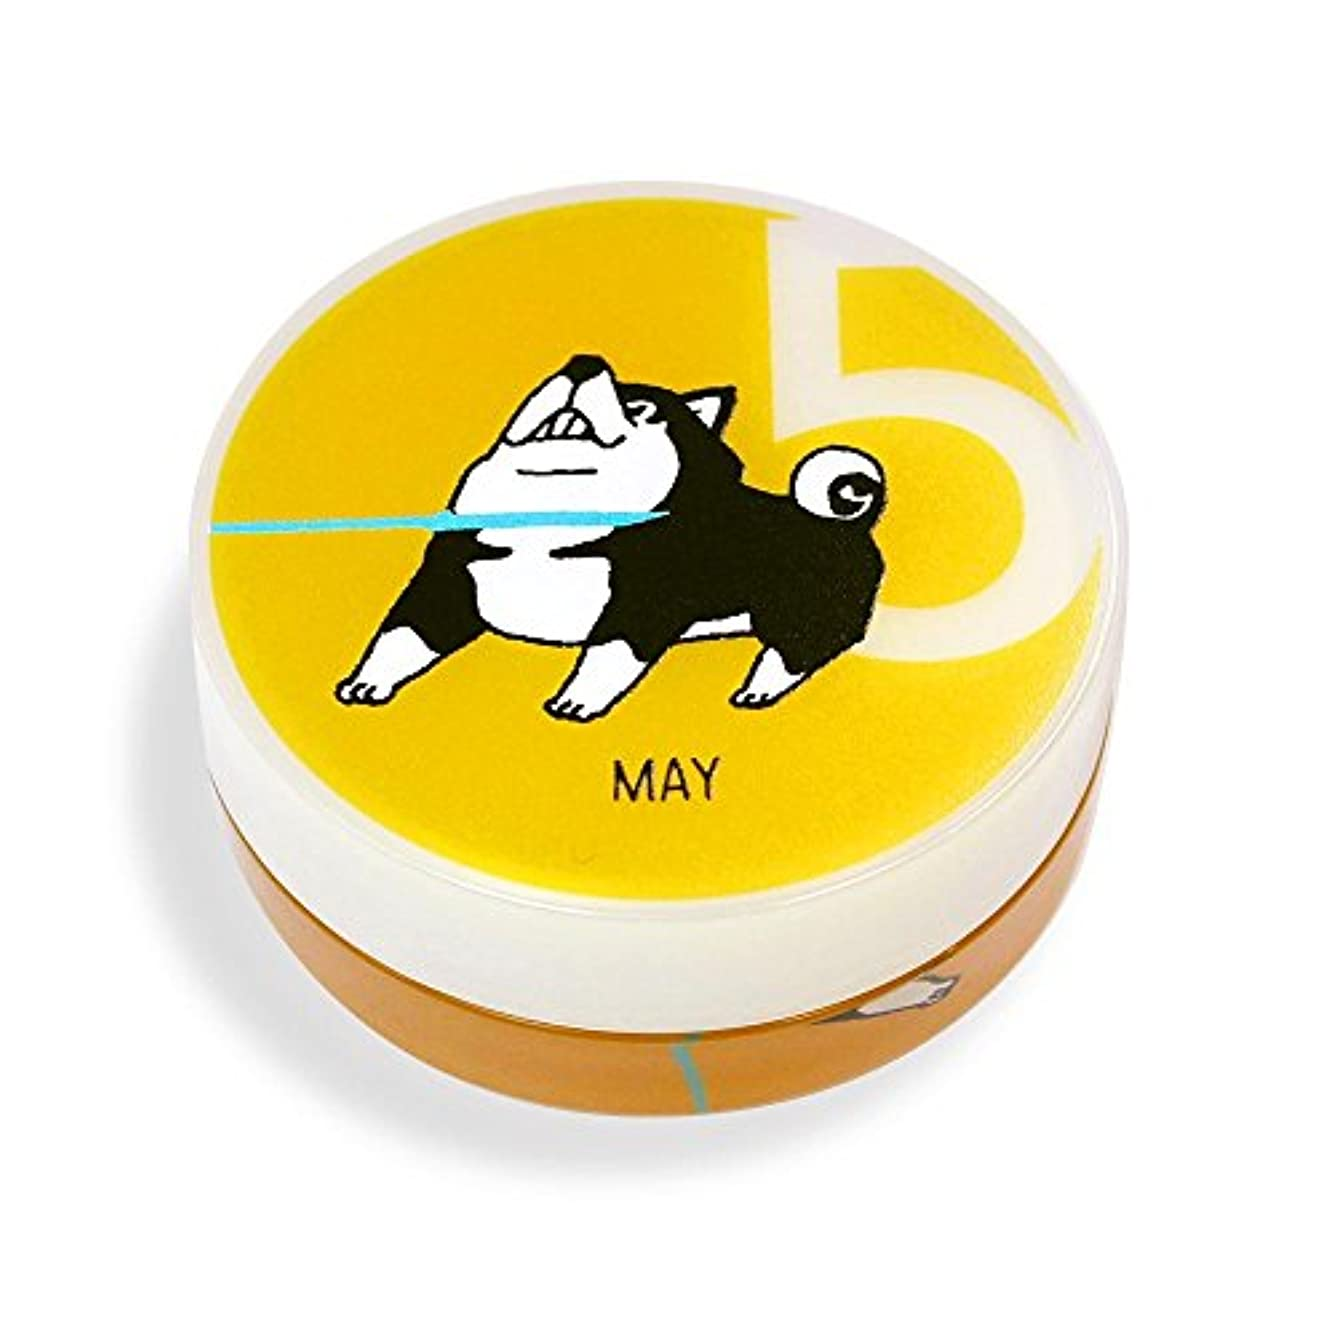 試す付与リマークしばんばん フルプルクリーム 誕生月シリーズ 5月 20g